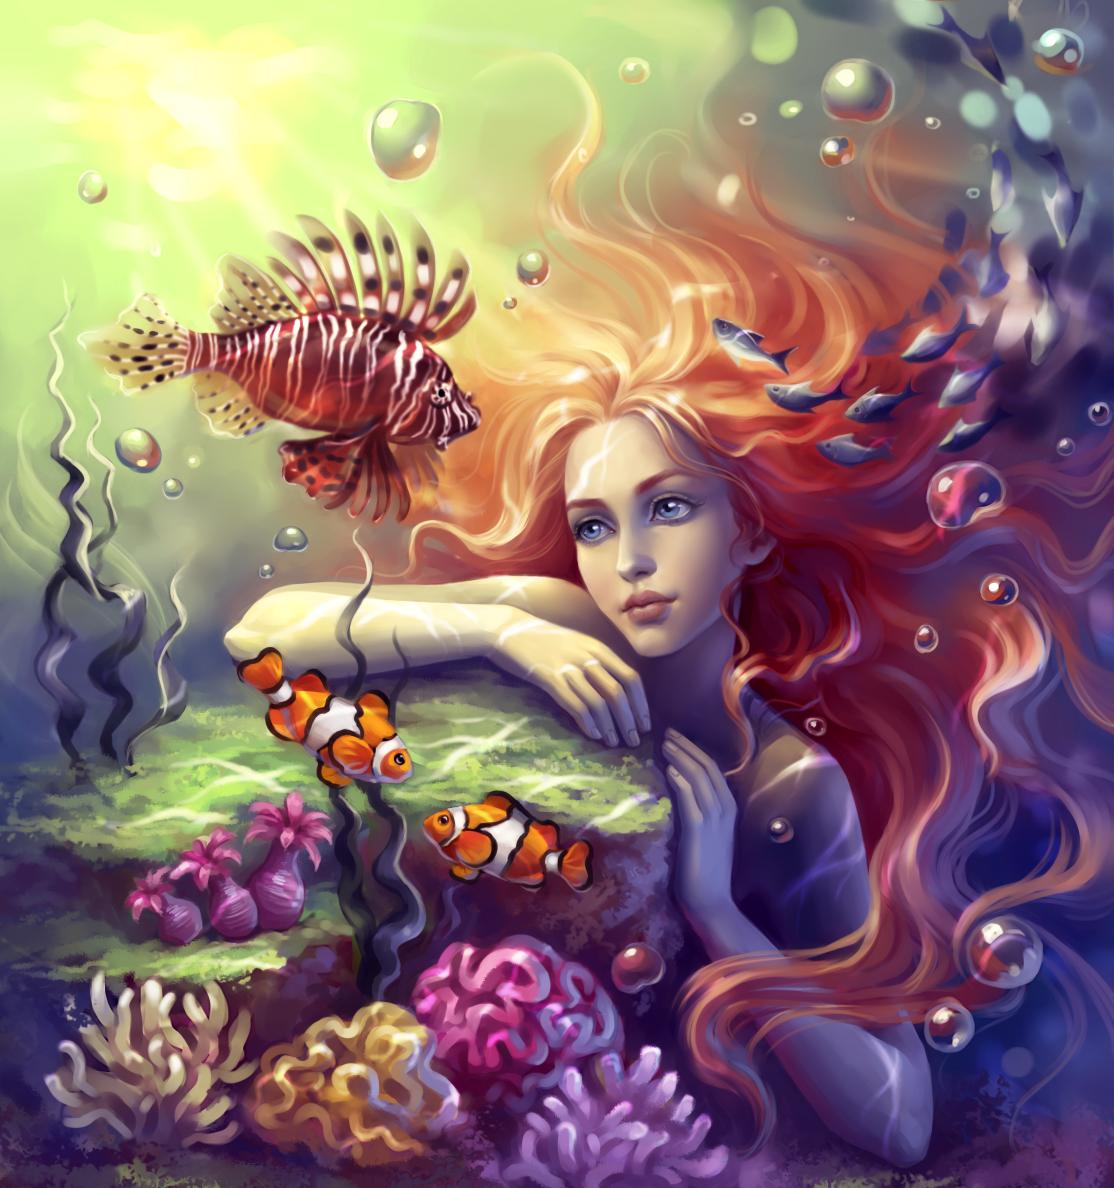 Mermaid_2 by sharandula